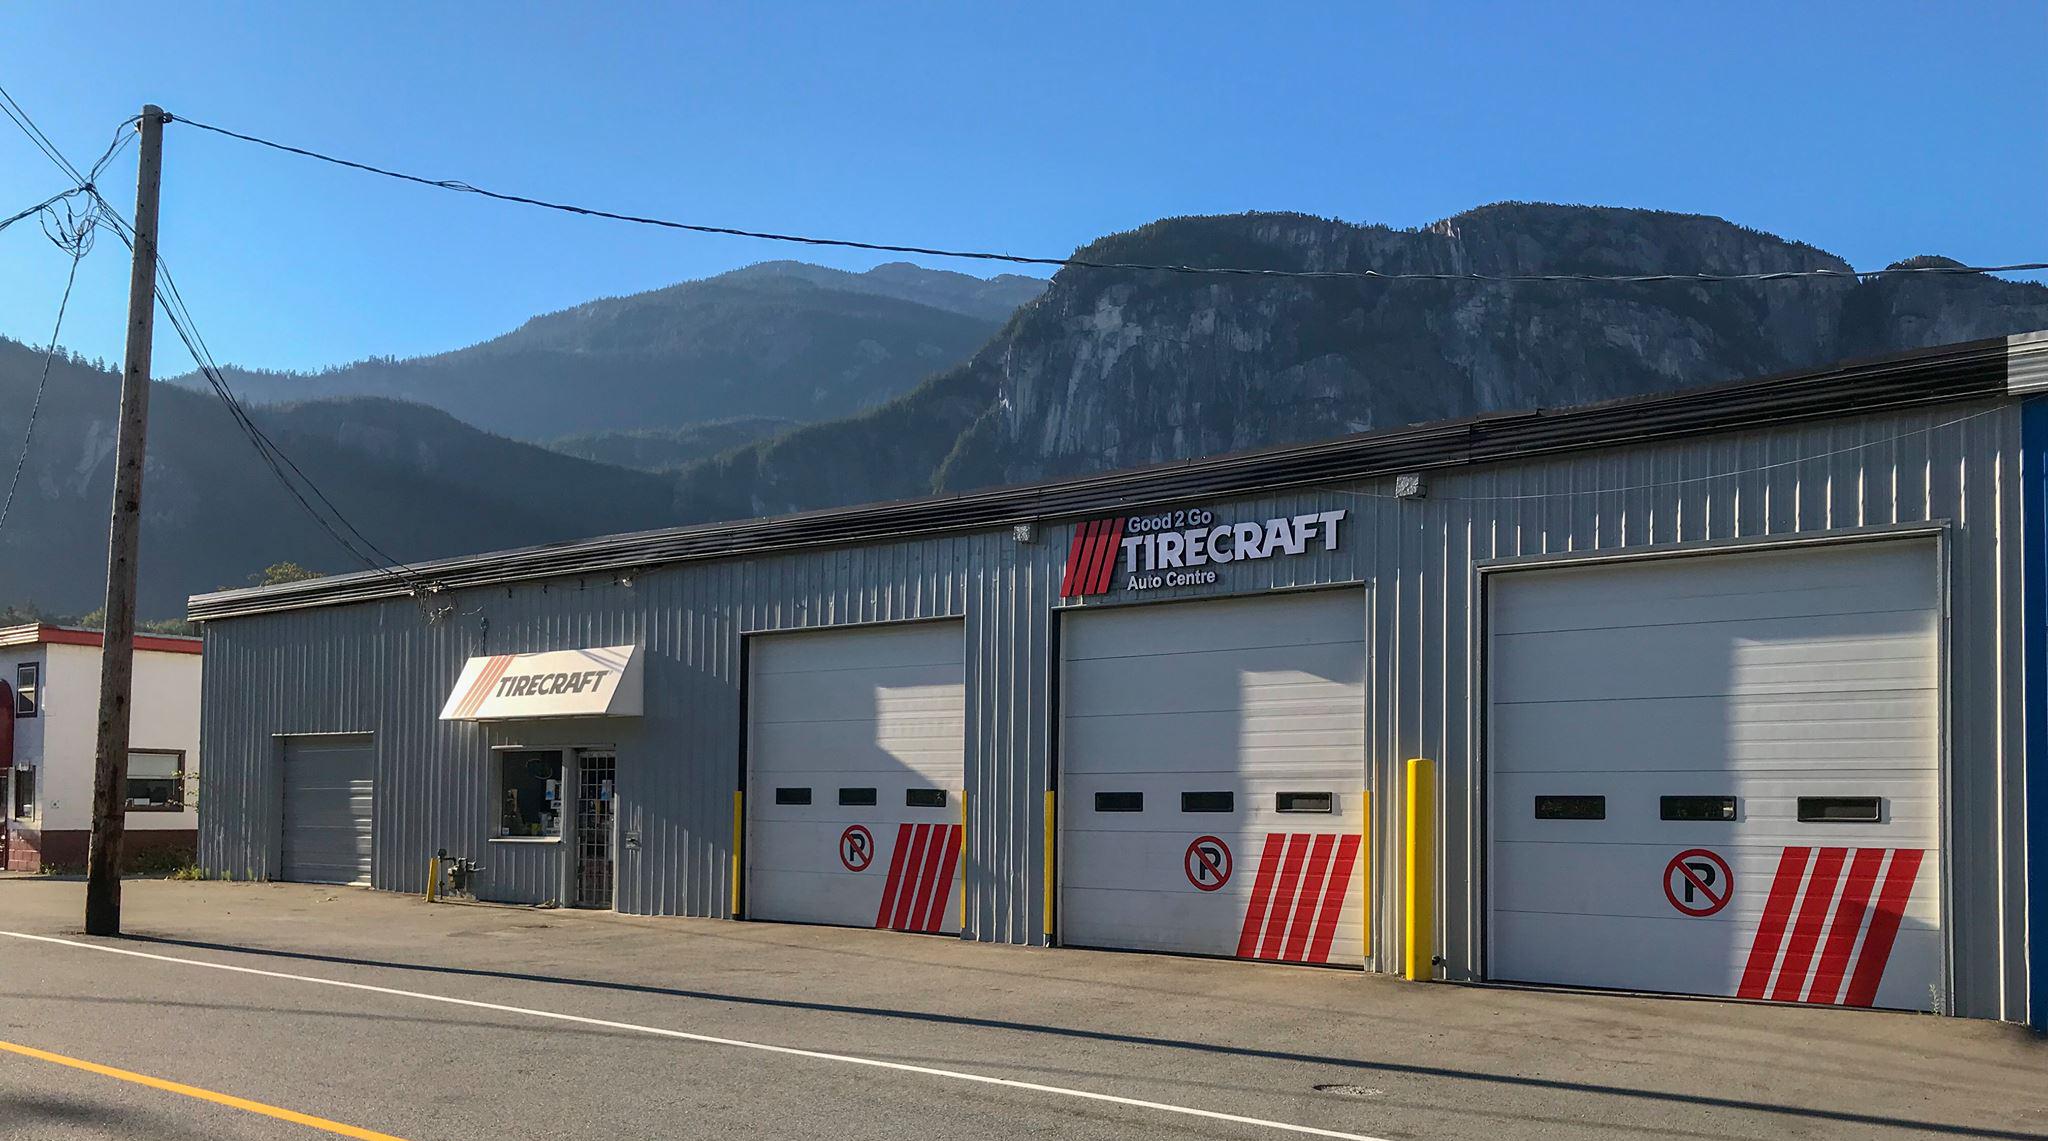 Good 2 Go Tirecraft Auto Centre in Squamish BC